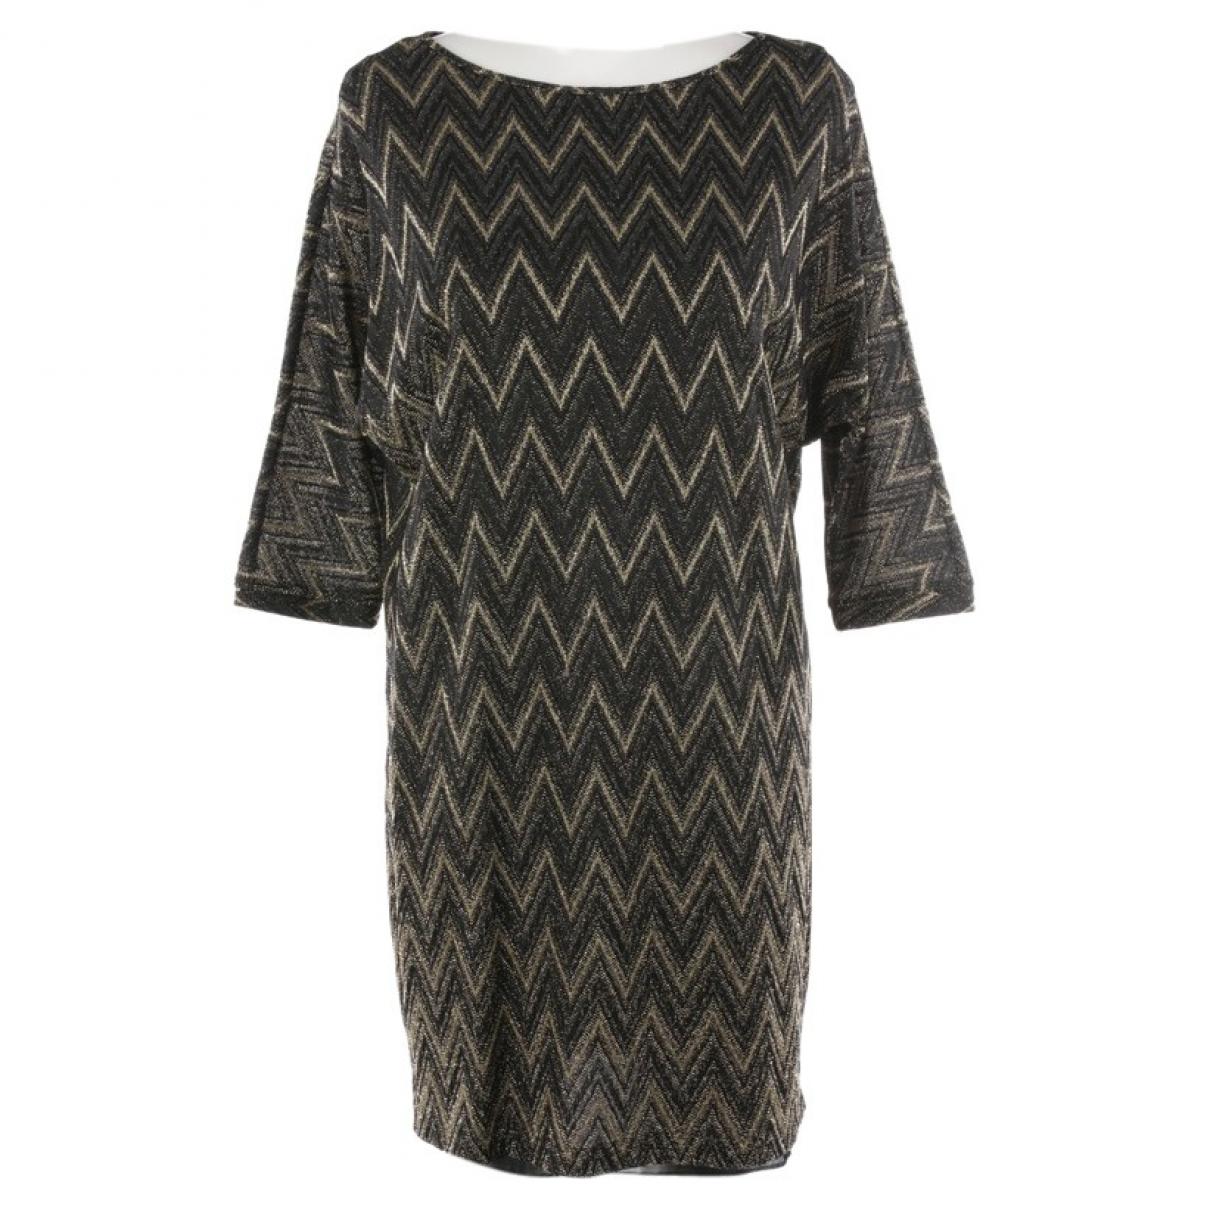 M Missoni \N Black dress for Women 36 FR